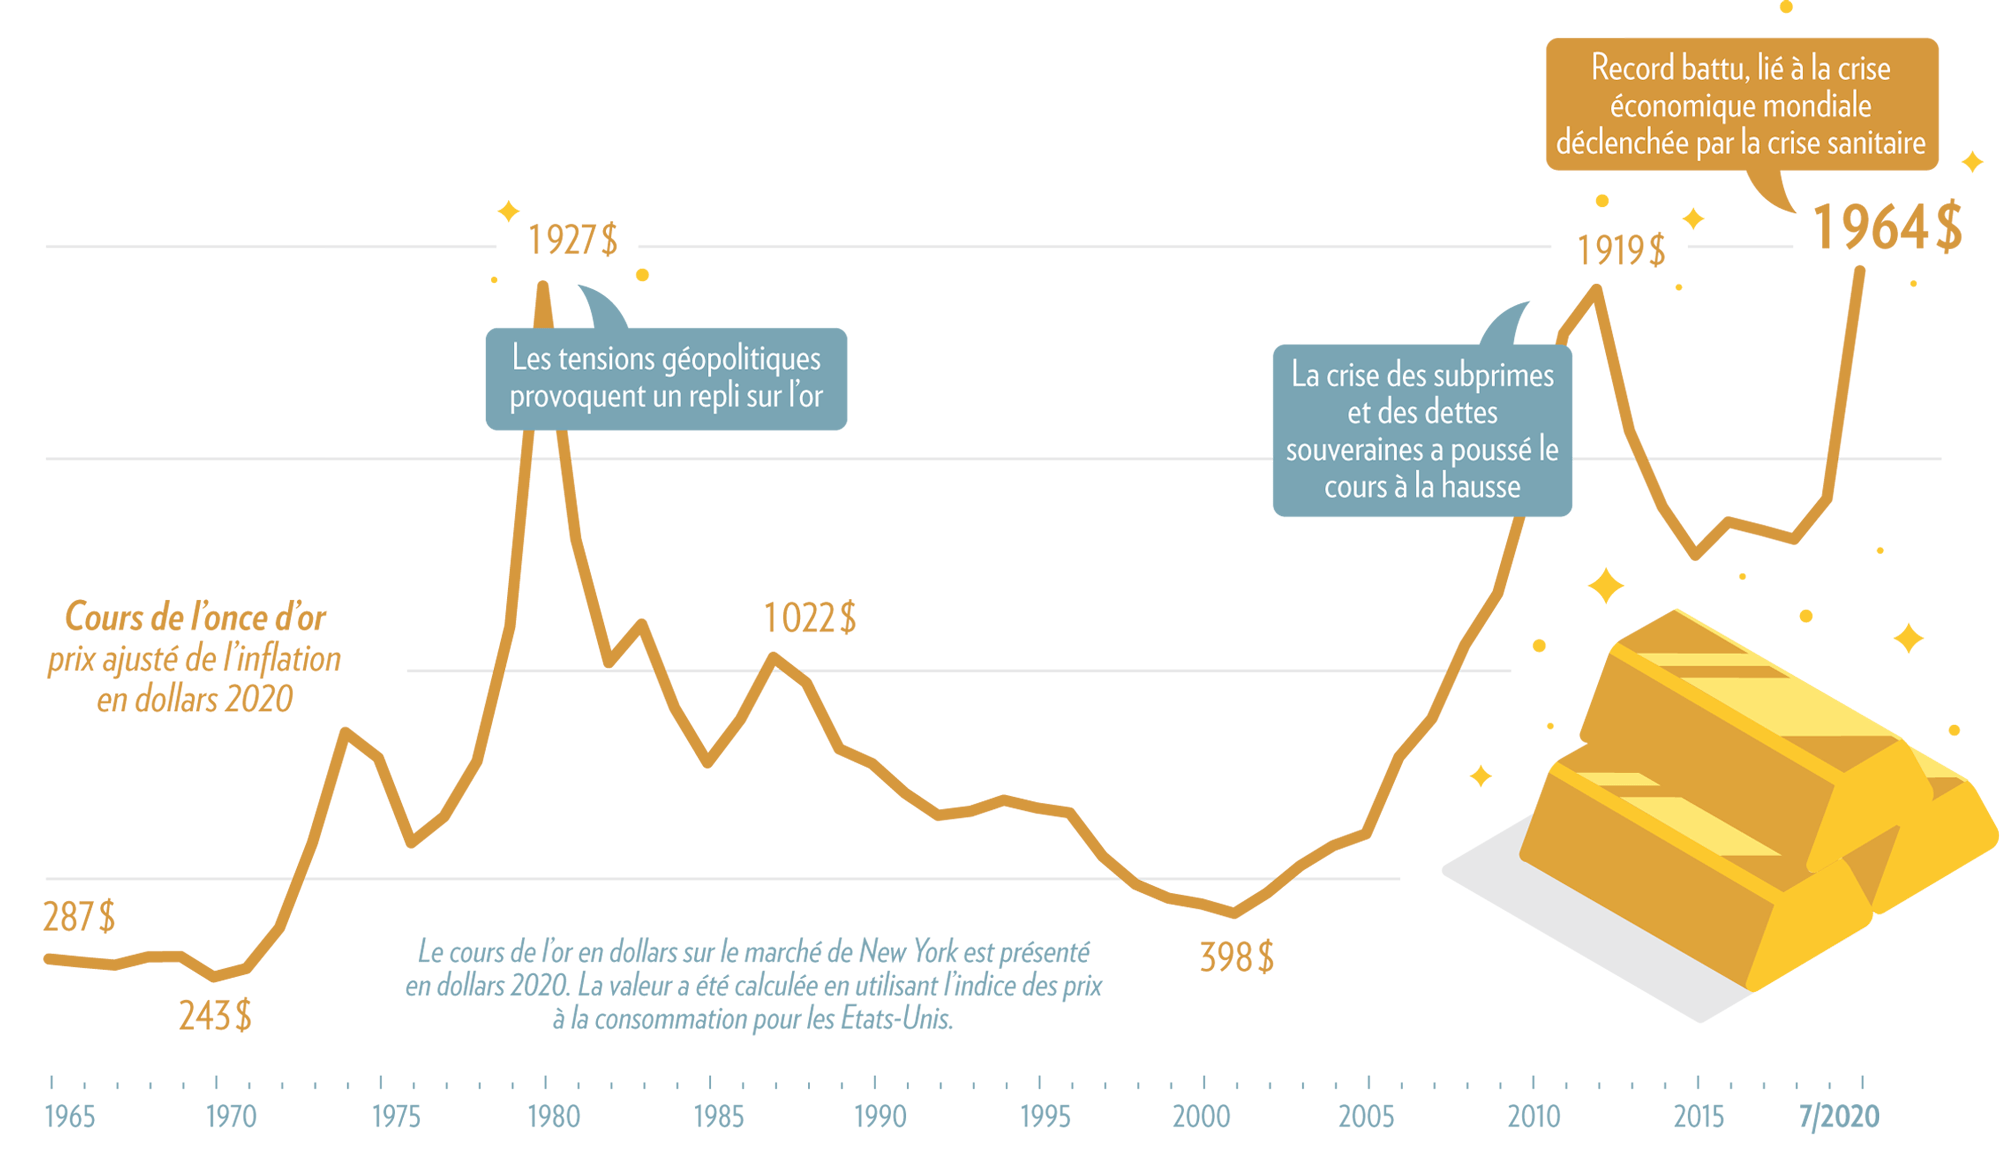 Cours de l'or depuis 1965